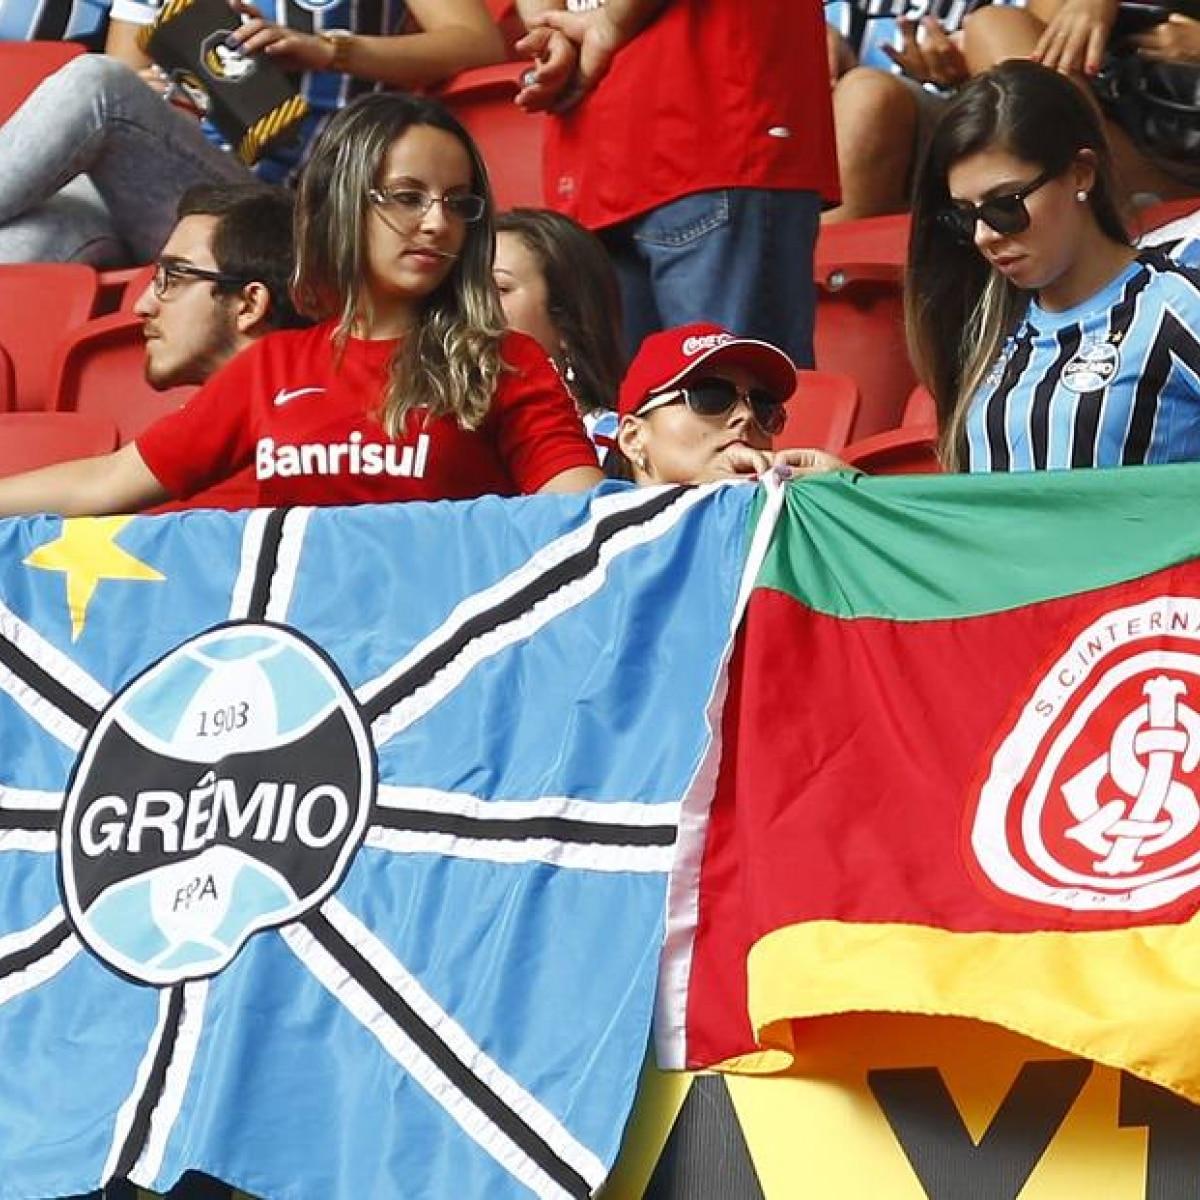 Gremistas e colorados torcem lado a lado no Beira-Rio - Esportes - Estadão b70f44f9c175c